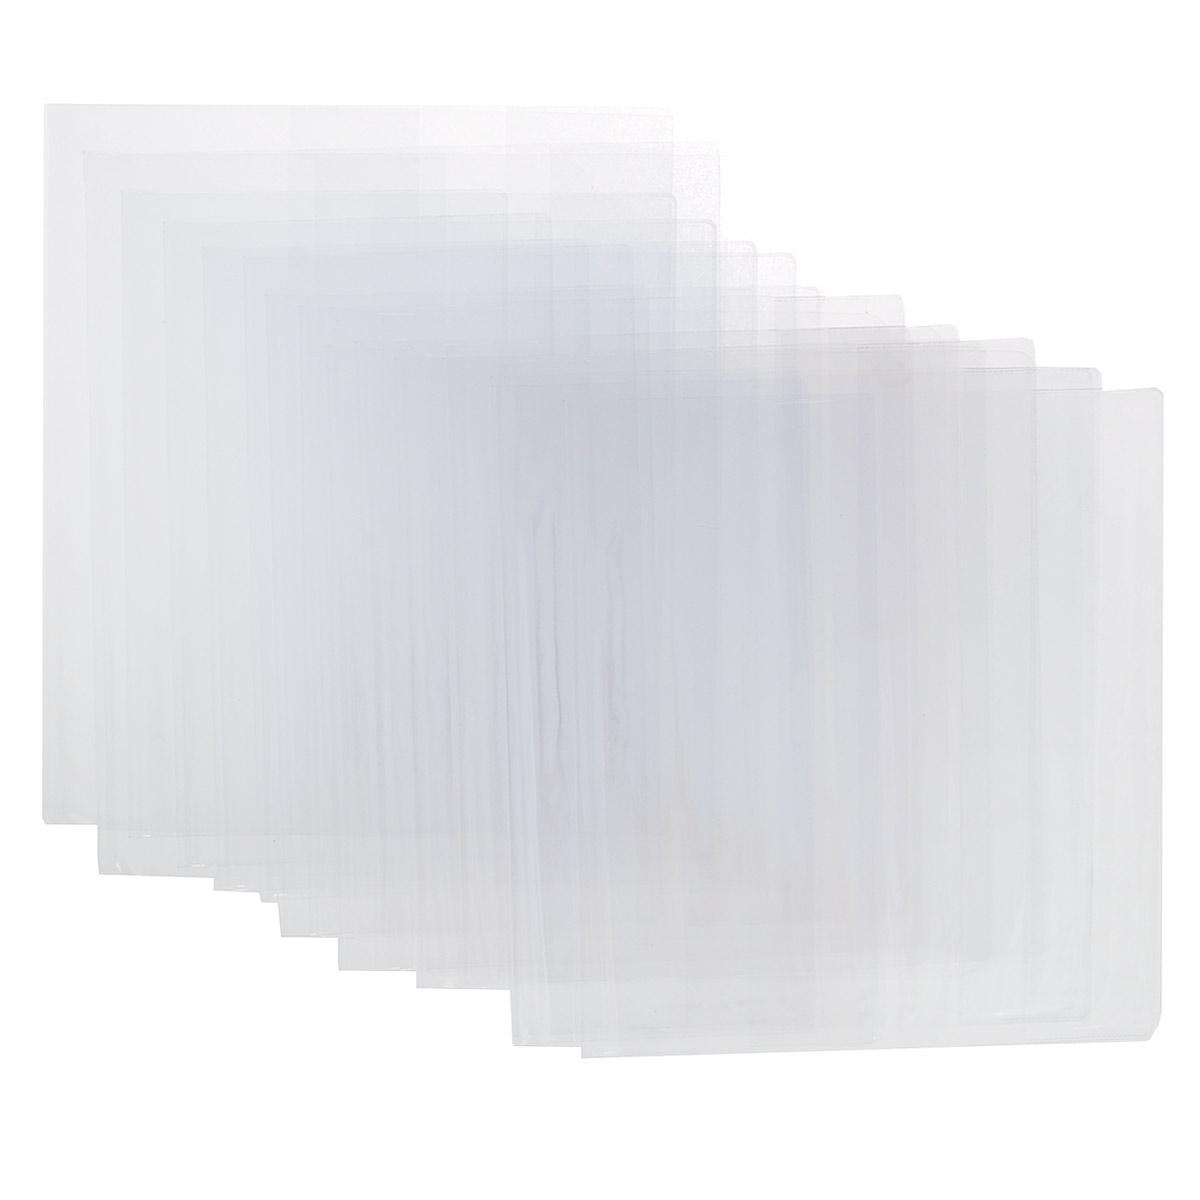 Набор обложек для младших классов Брупак, 15 штC13S400035Прозрачные гладкие обложки, выполненные из ПВХ, защитят учебники и тетради от загрязнений на всем протяжении их использования. Комплект включает в себя пятнадцать обложек: три обложки для тетрадей Пропись размером 22,5 см х 35,7 см, пять универсальных обложек для учебников размером 23 см х 46,5 см, пять обложек для учебников младших классов размером 23,5 см х 36,5 см, две обложки для учебников Петерсон размером 26,7 см х 50,8 см.